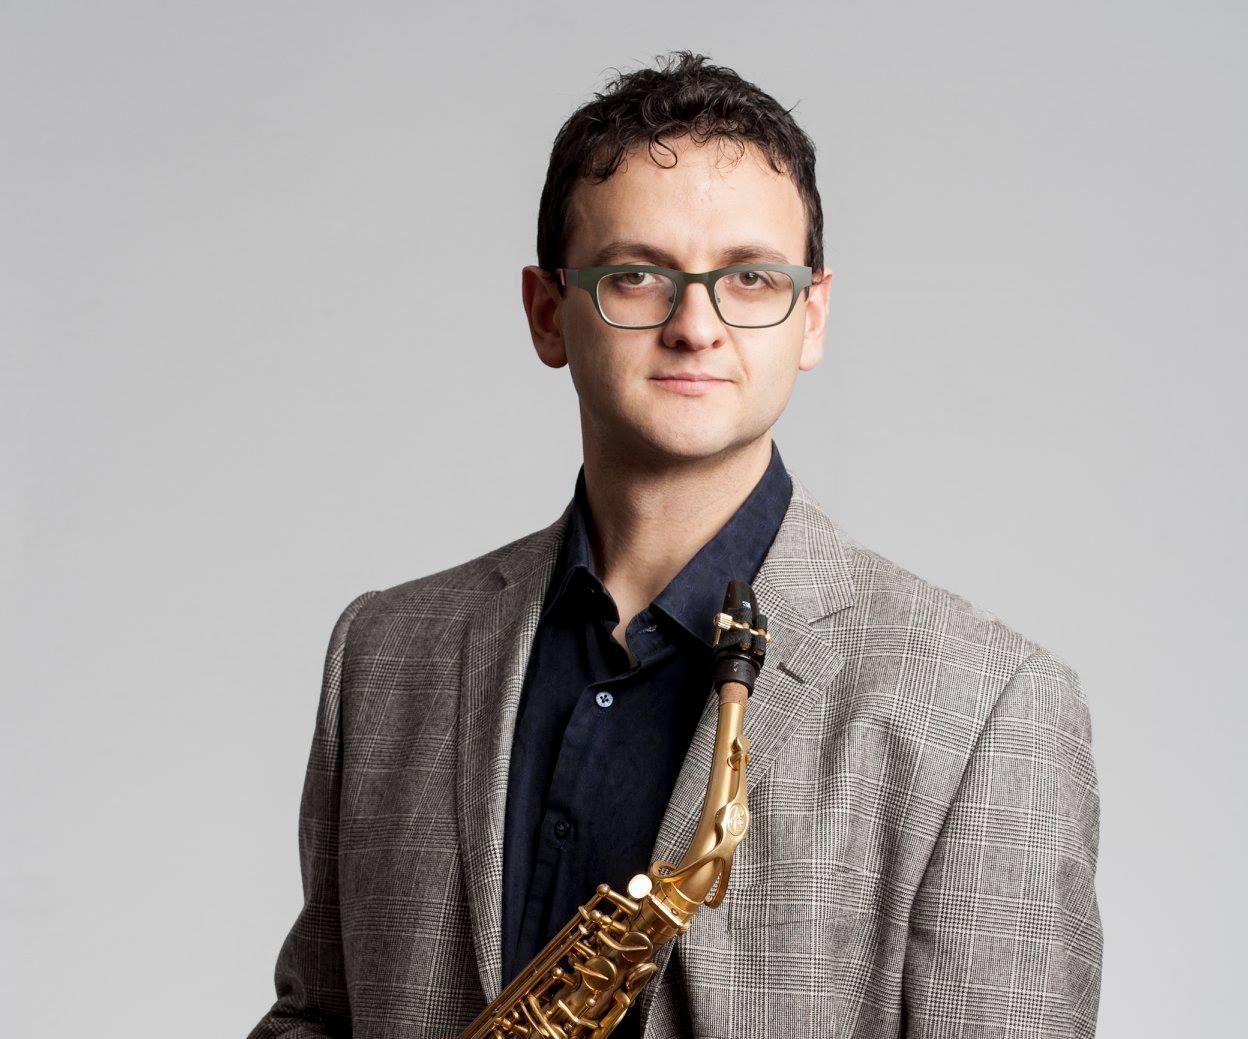 David Brutti